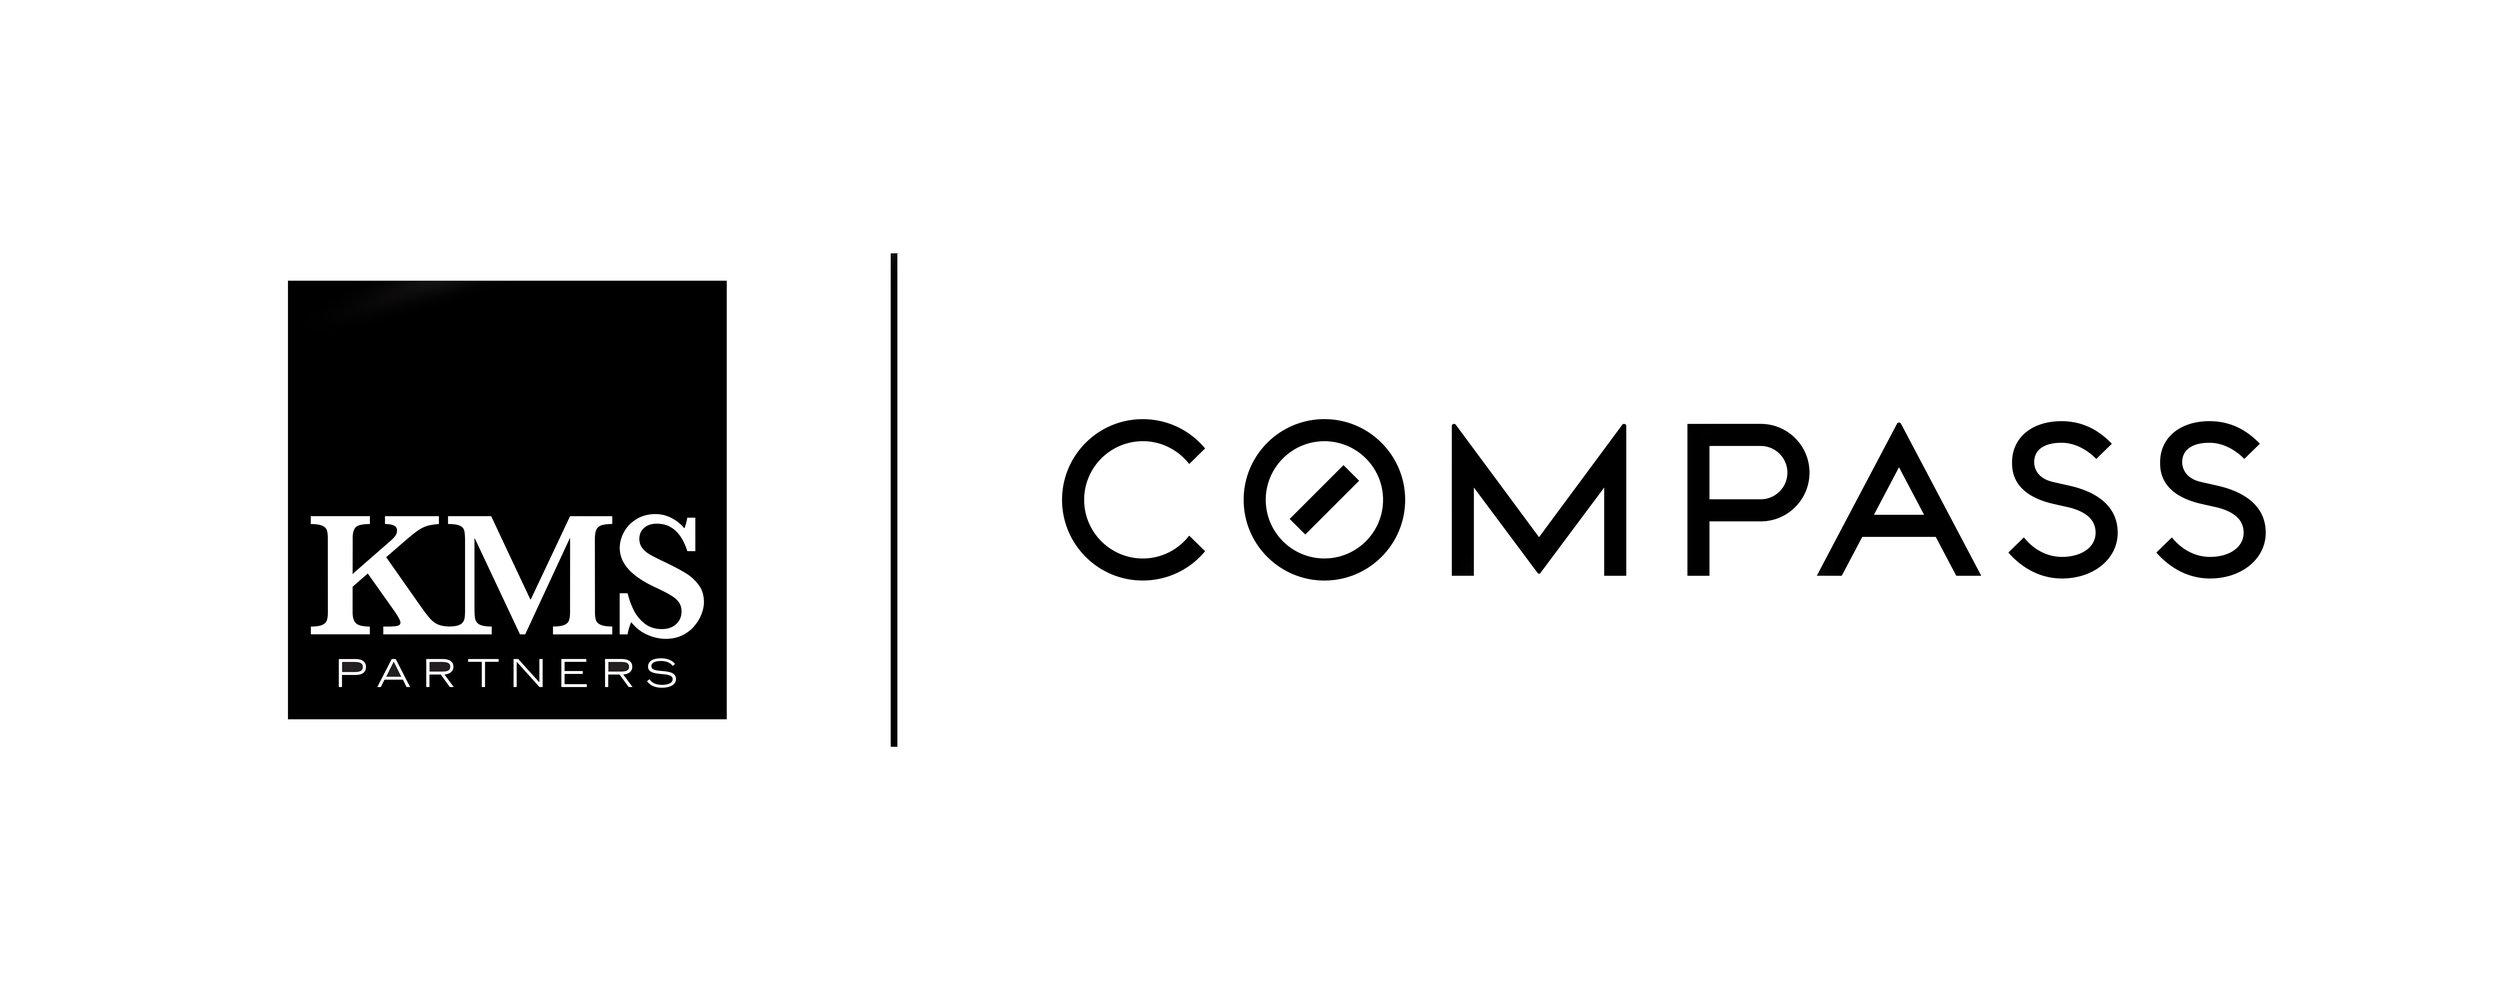 Compass_KMS.jpg